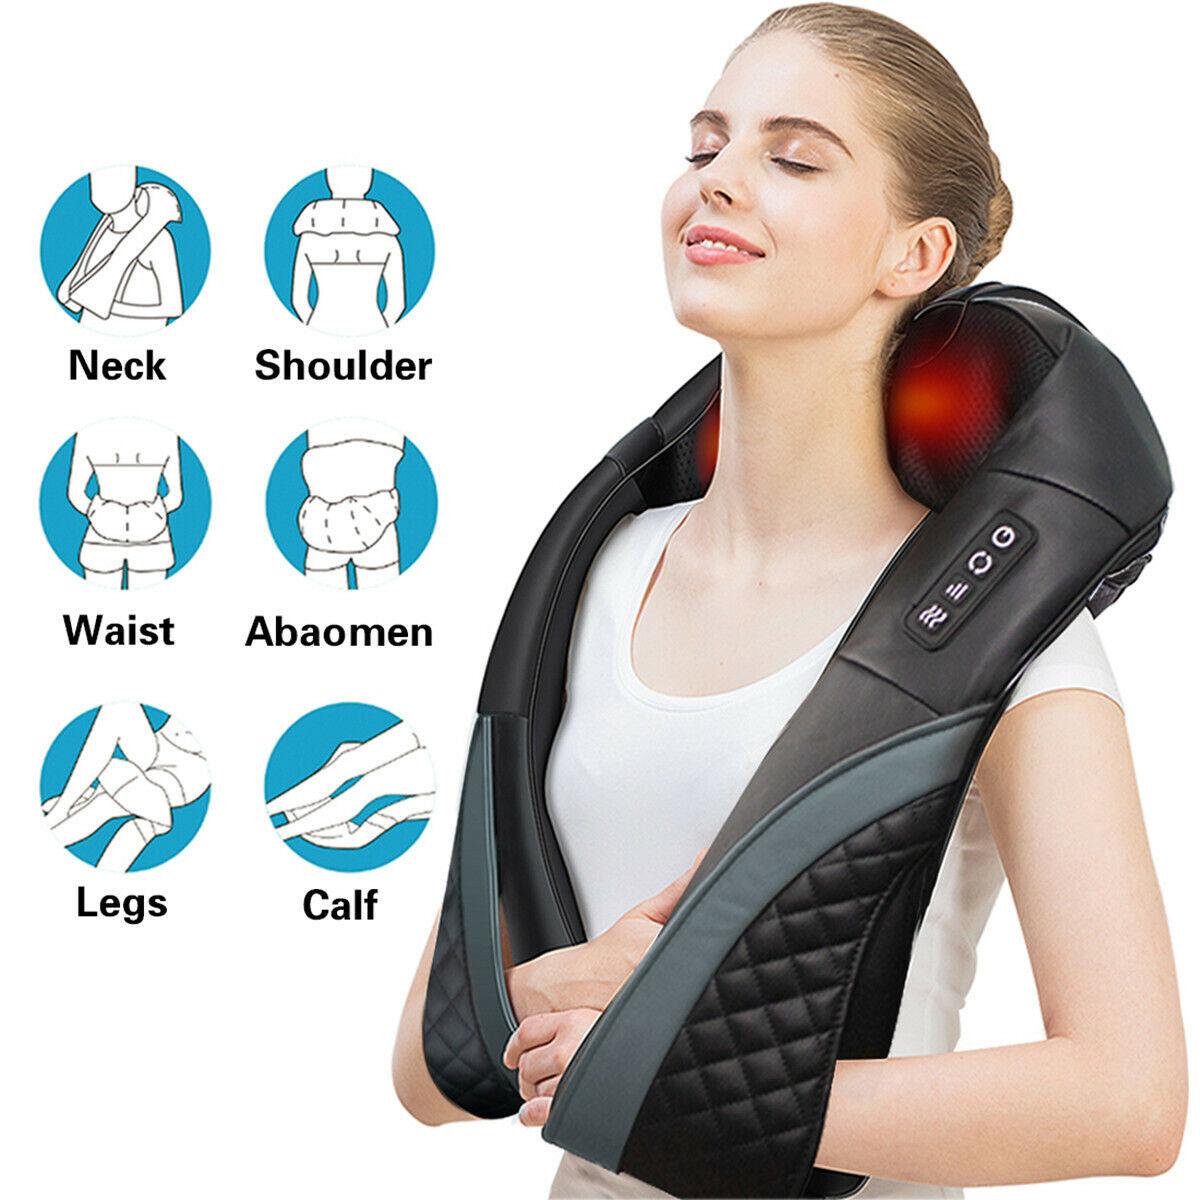 Shiatsu Neck & Back Massager with Heat Deep Kneading Massage